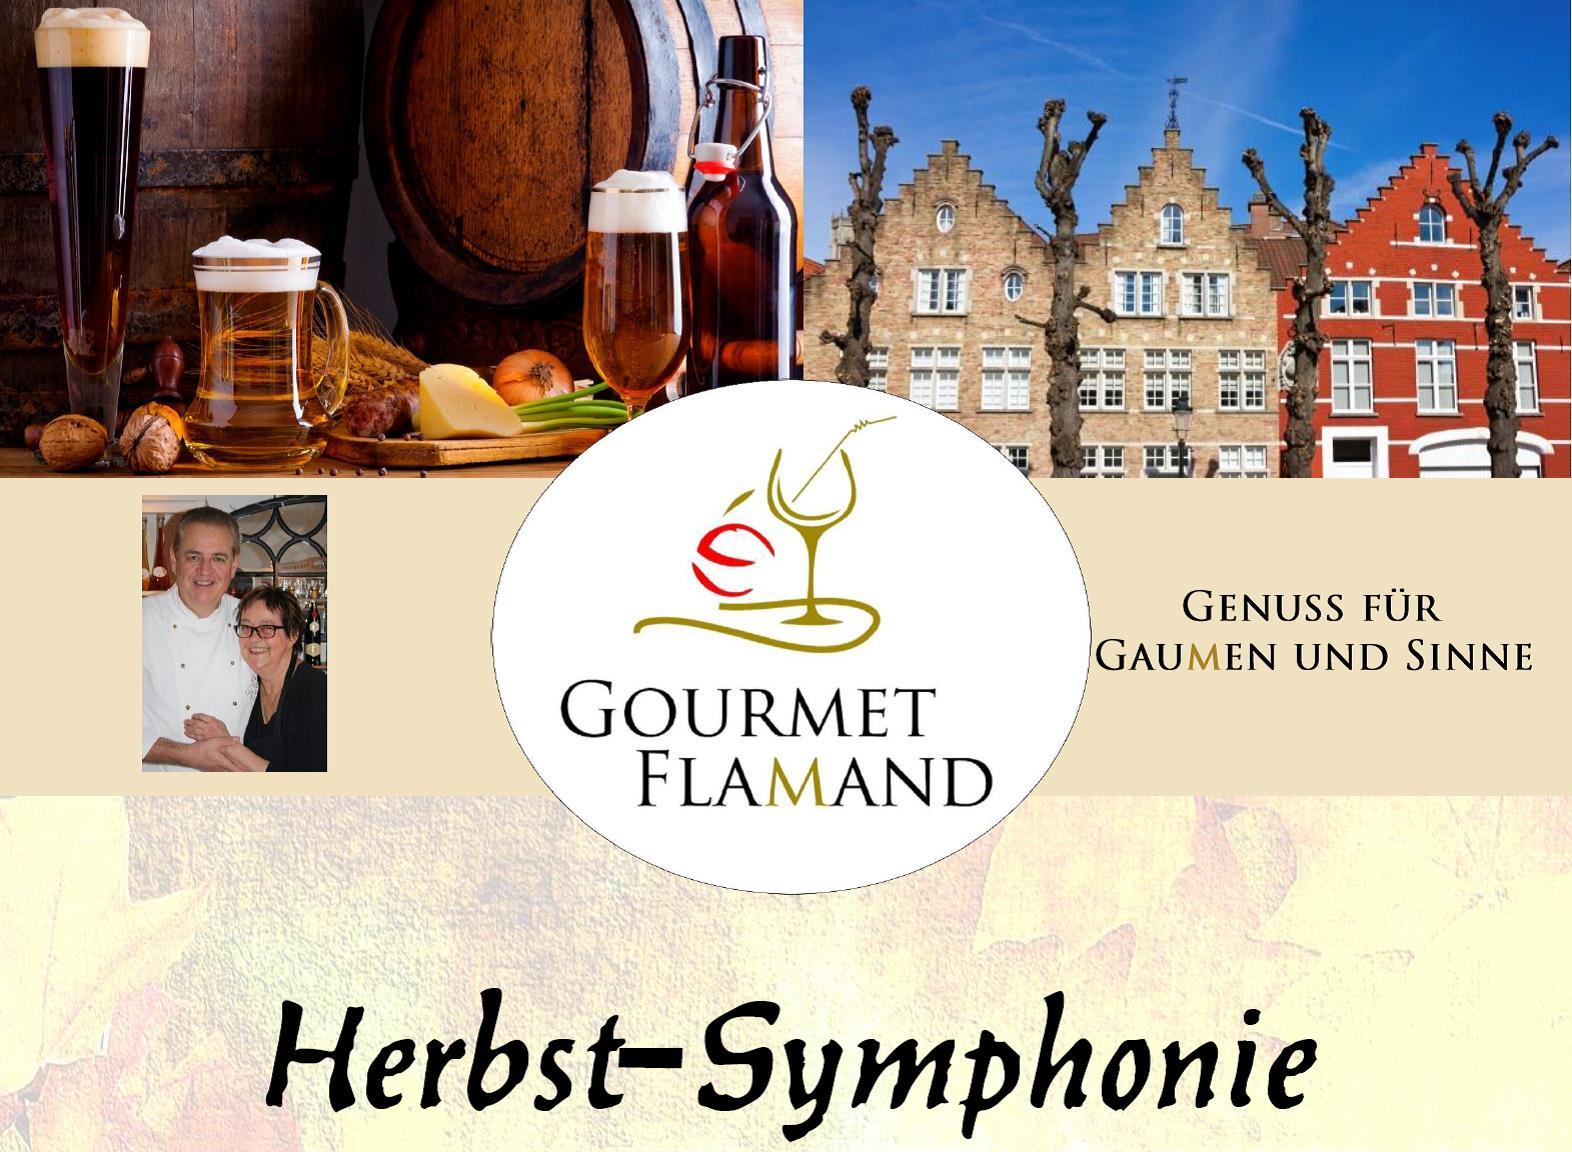 Der Start in den Herbst bei Gourmet Flamand - die Herbst-Symphonie